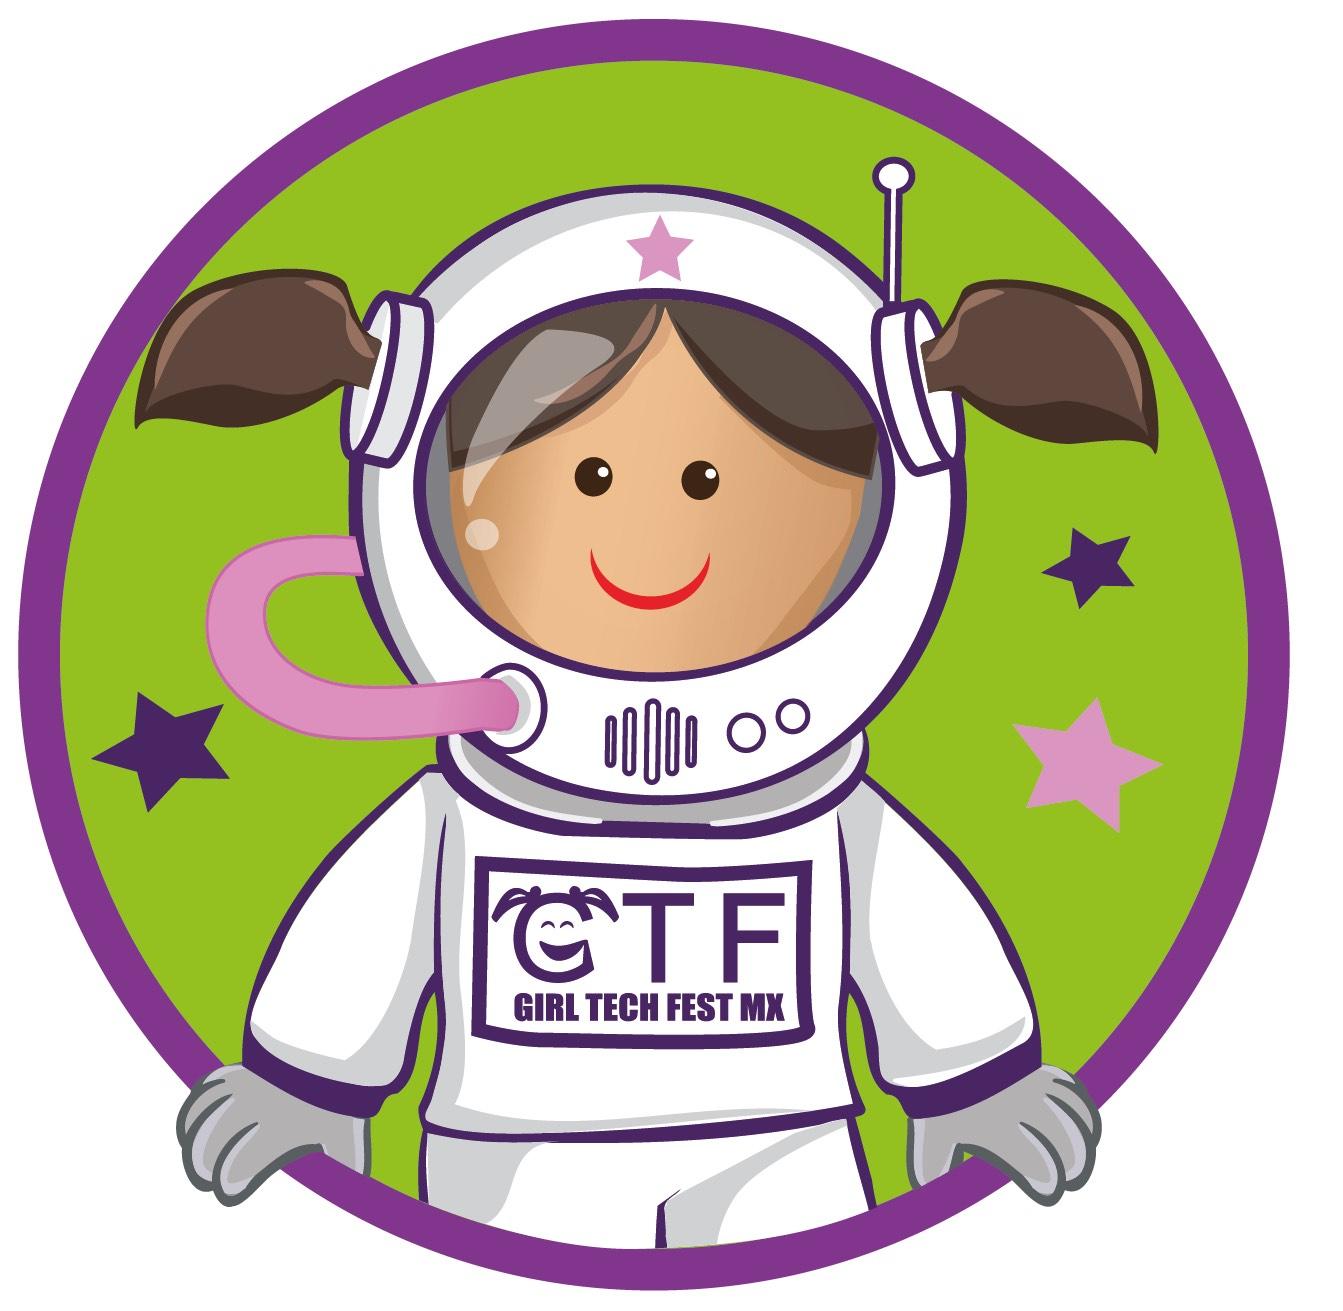 Girl Tech Fest Logo